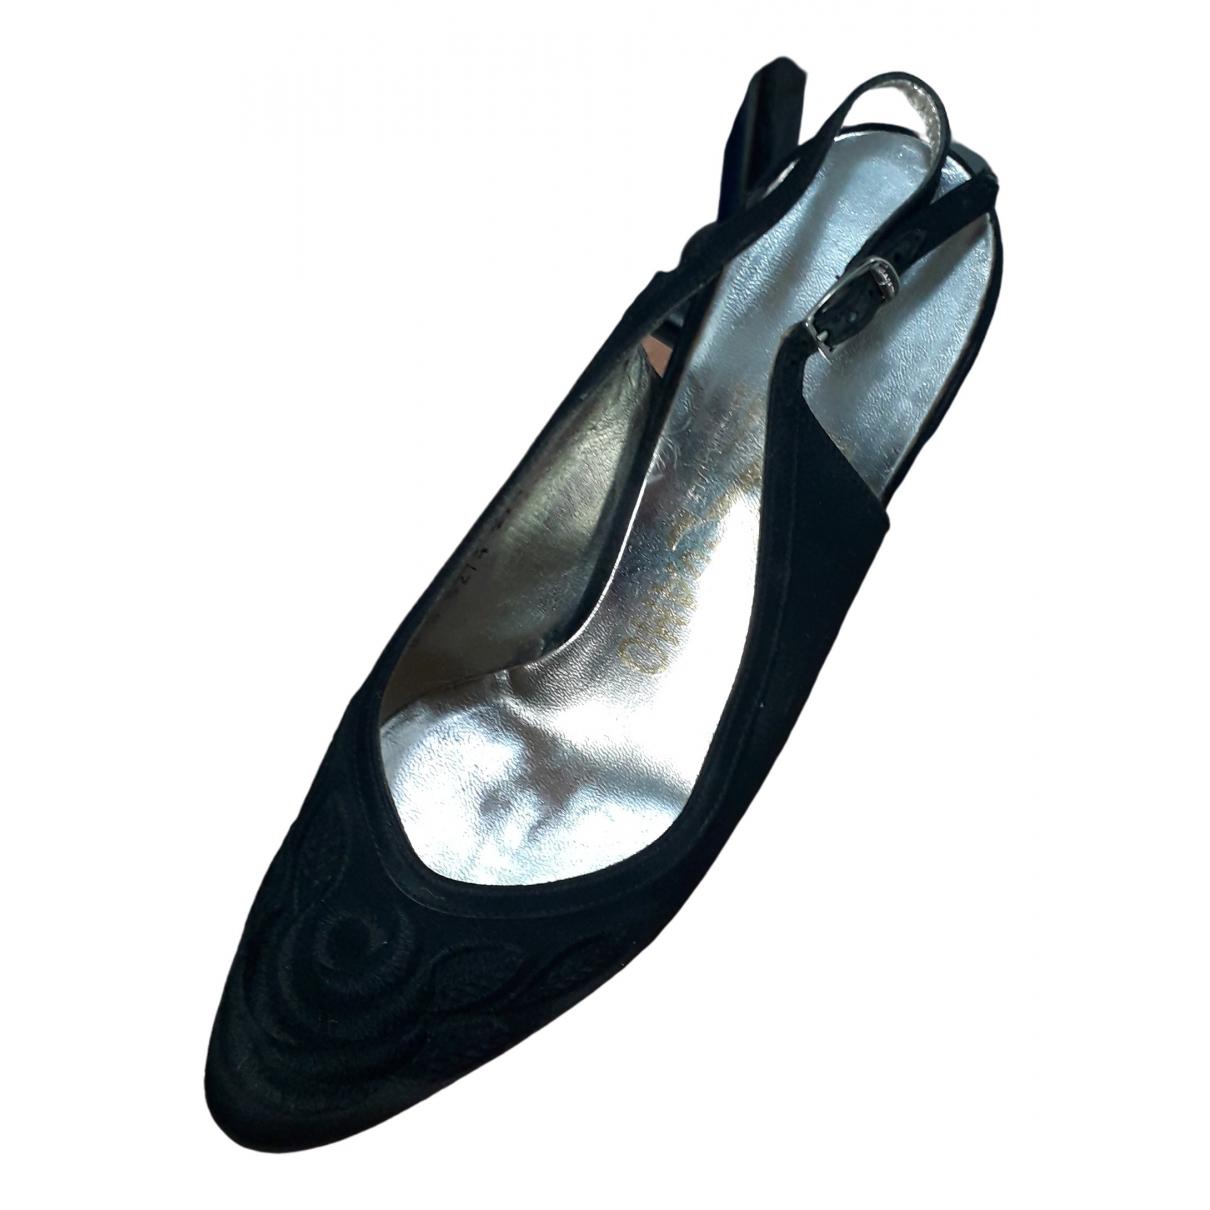 Sandalias romanas de Lona Salvatore Ferragamo